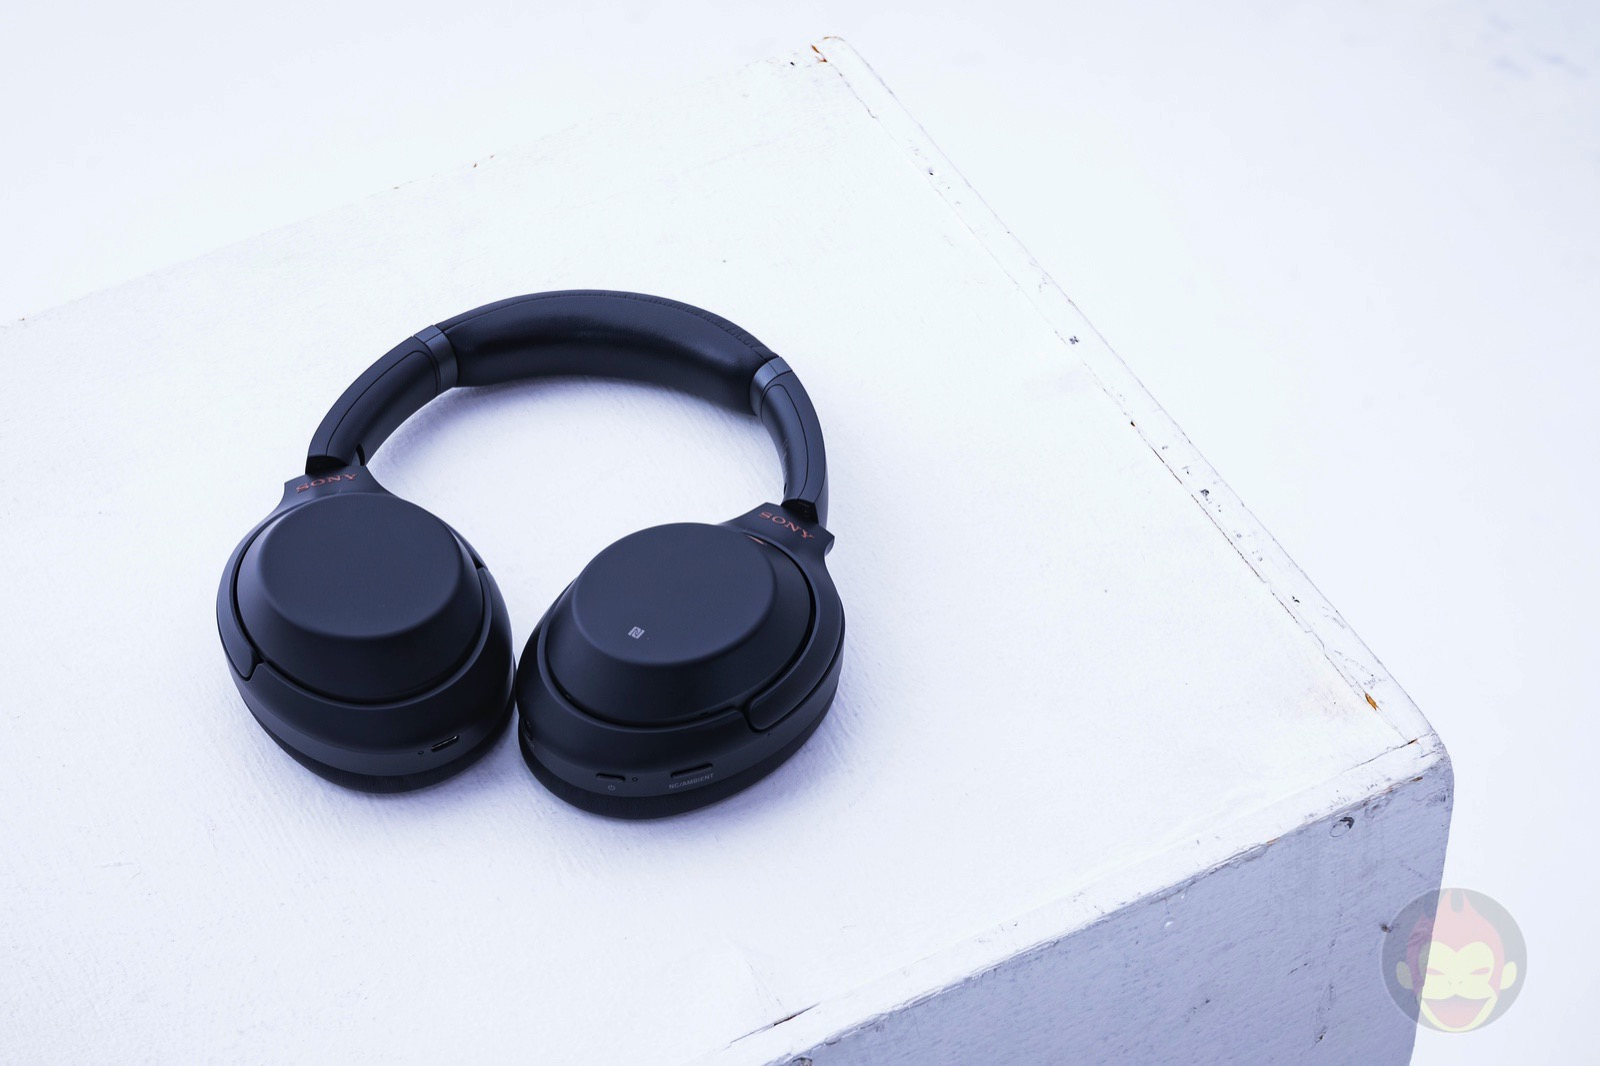 Sony-WH-1000XM3-01.jpg